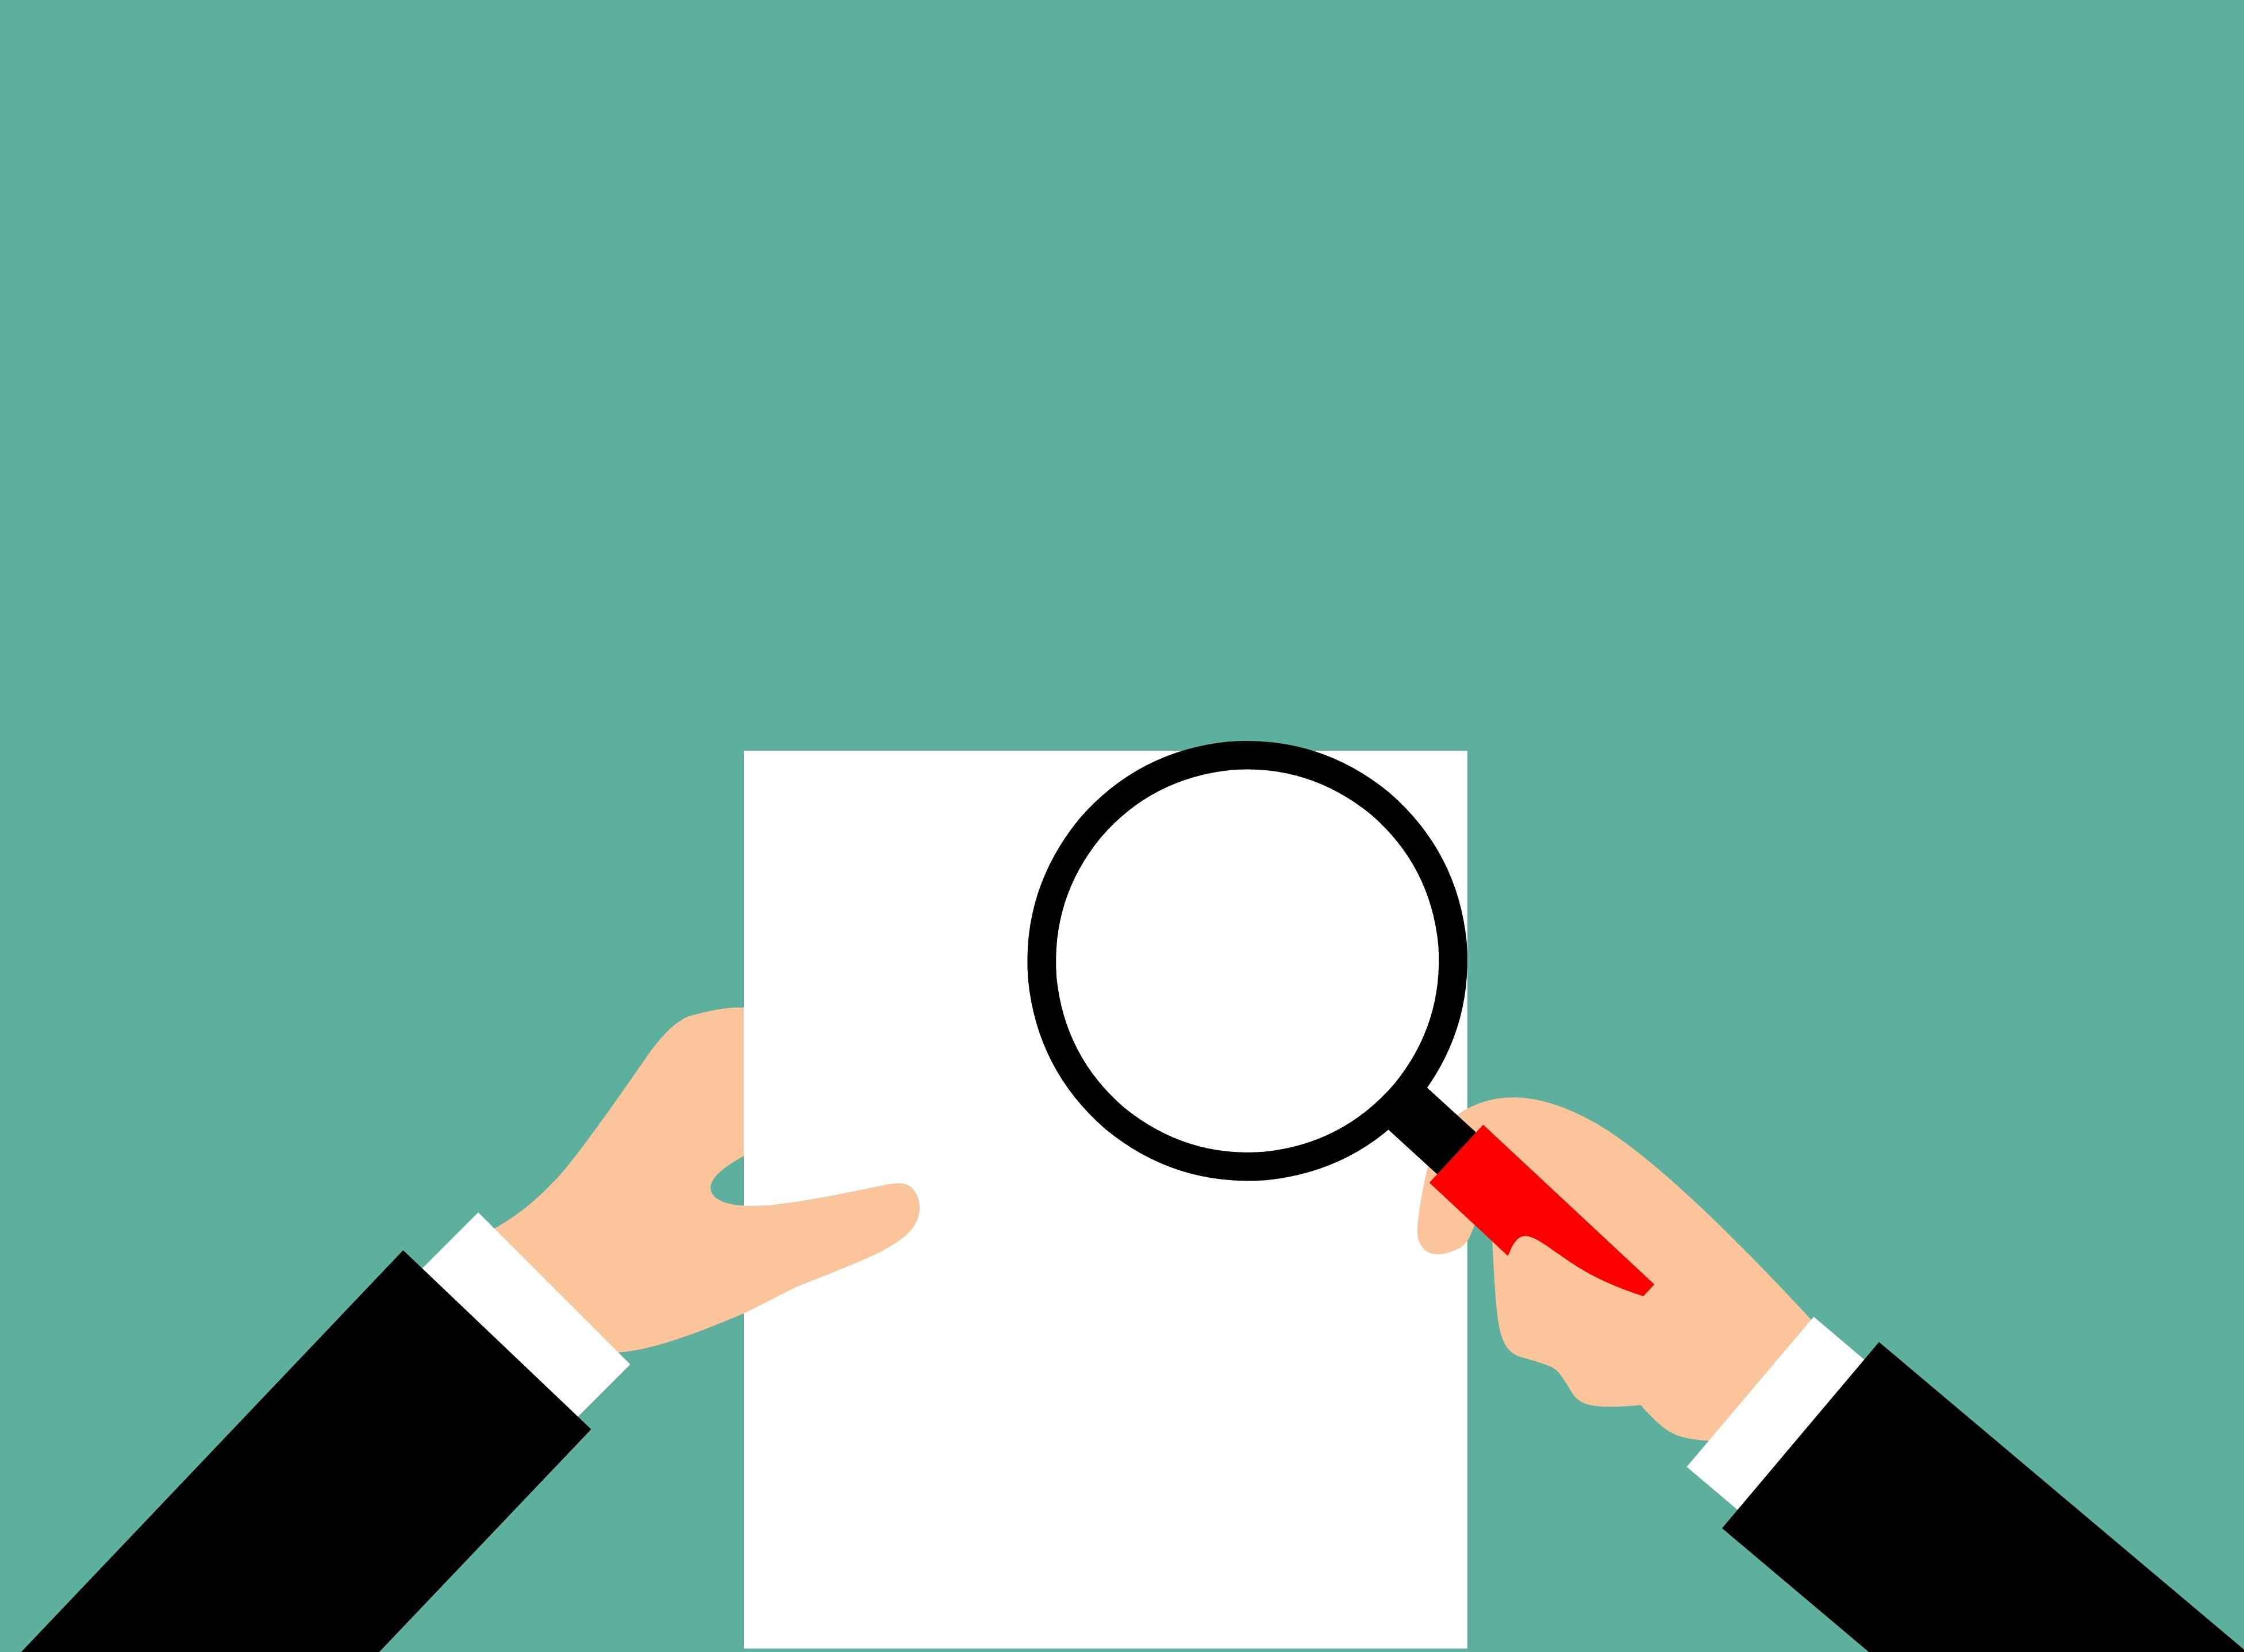 Free Images audit report verification magnifier